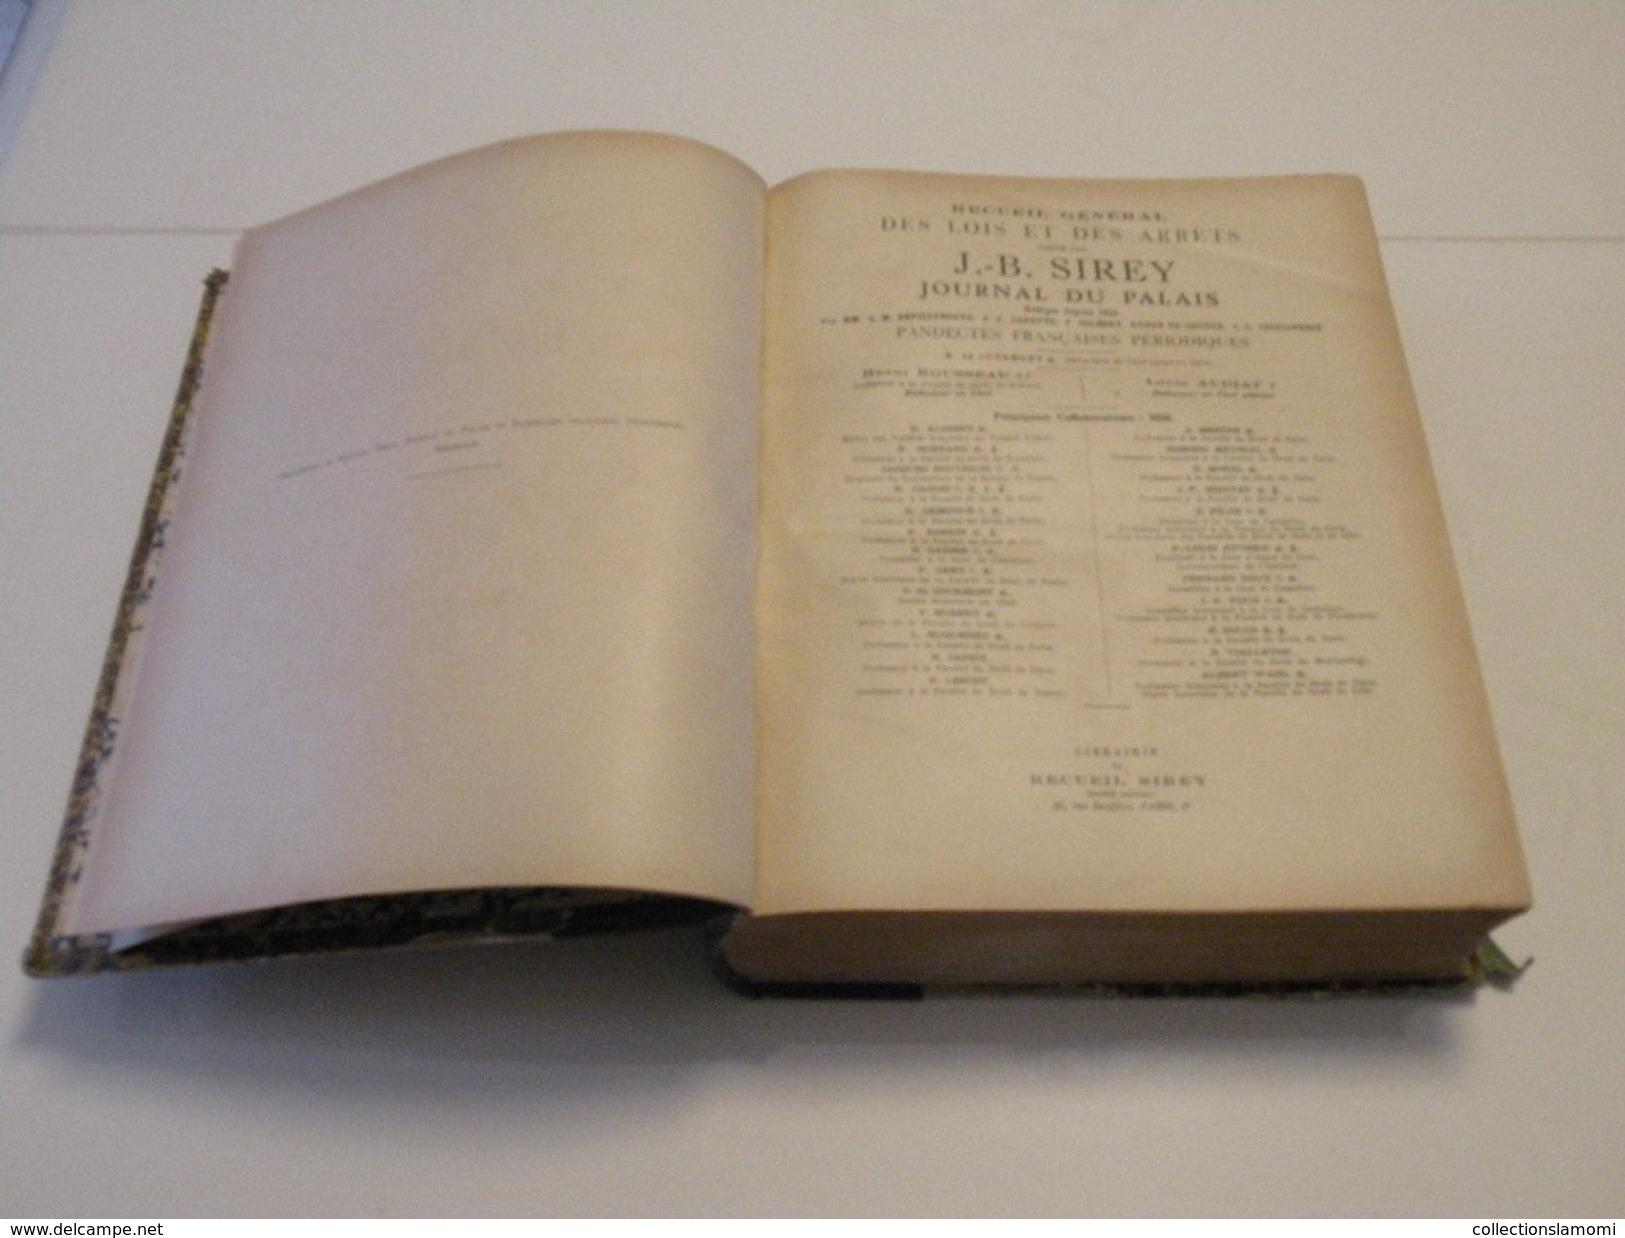 J.B. Sirey > Recueil Des Lois Et Des Arrêts Fondé En 1938 > Journal Du Palais Pandectes Françaises Périodiques - Droit